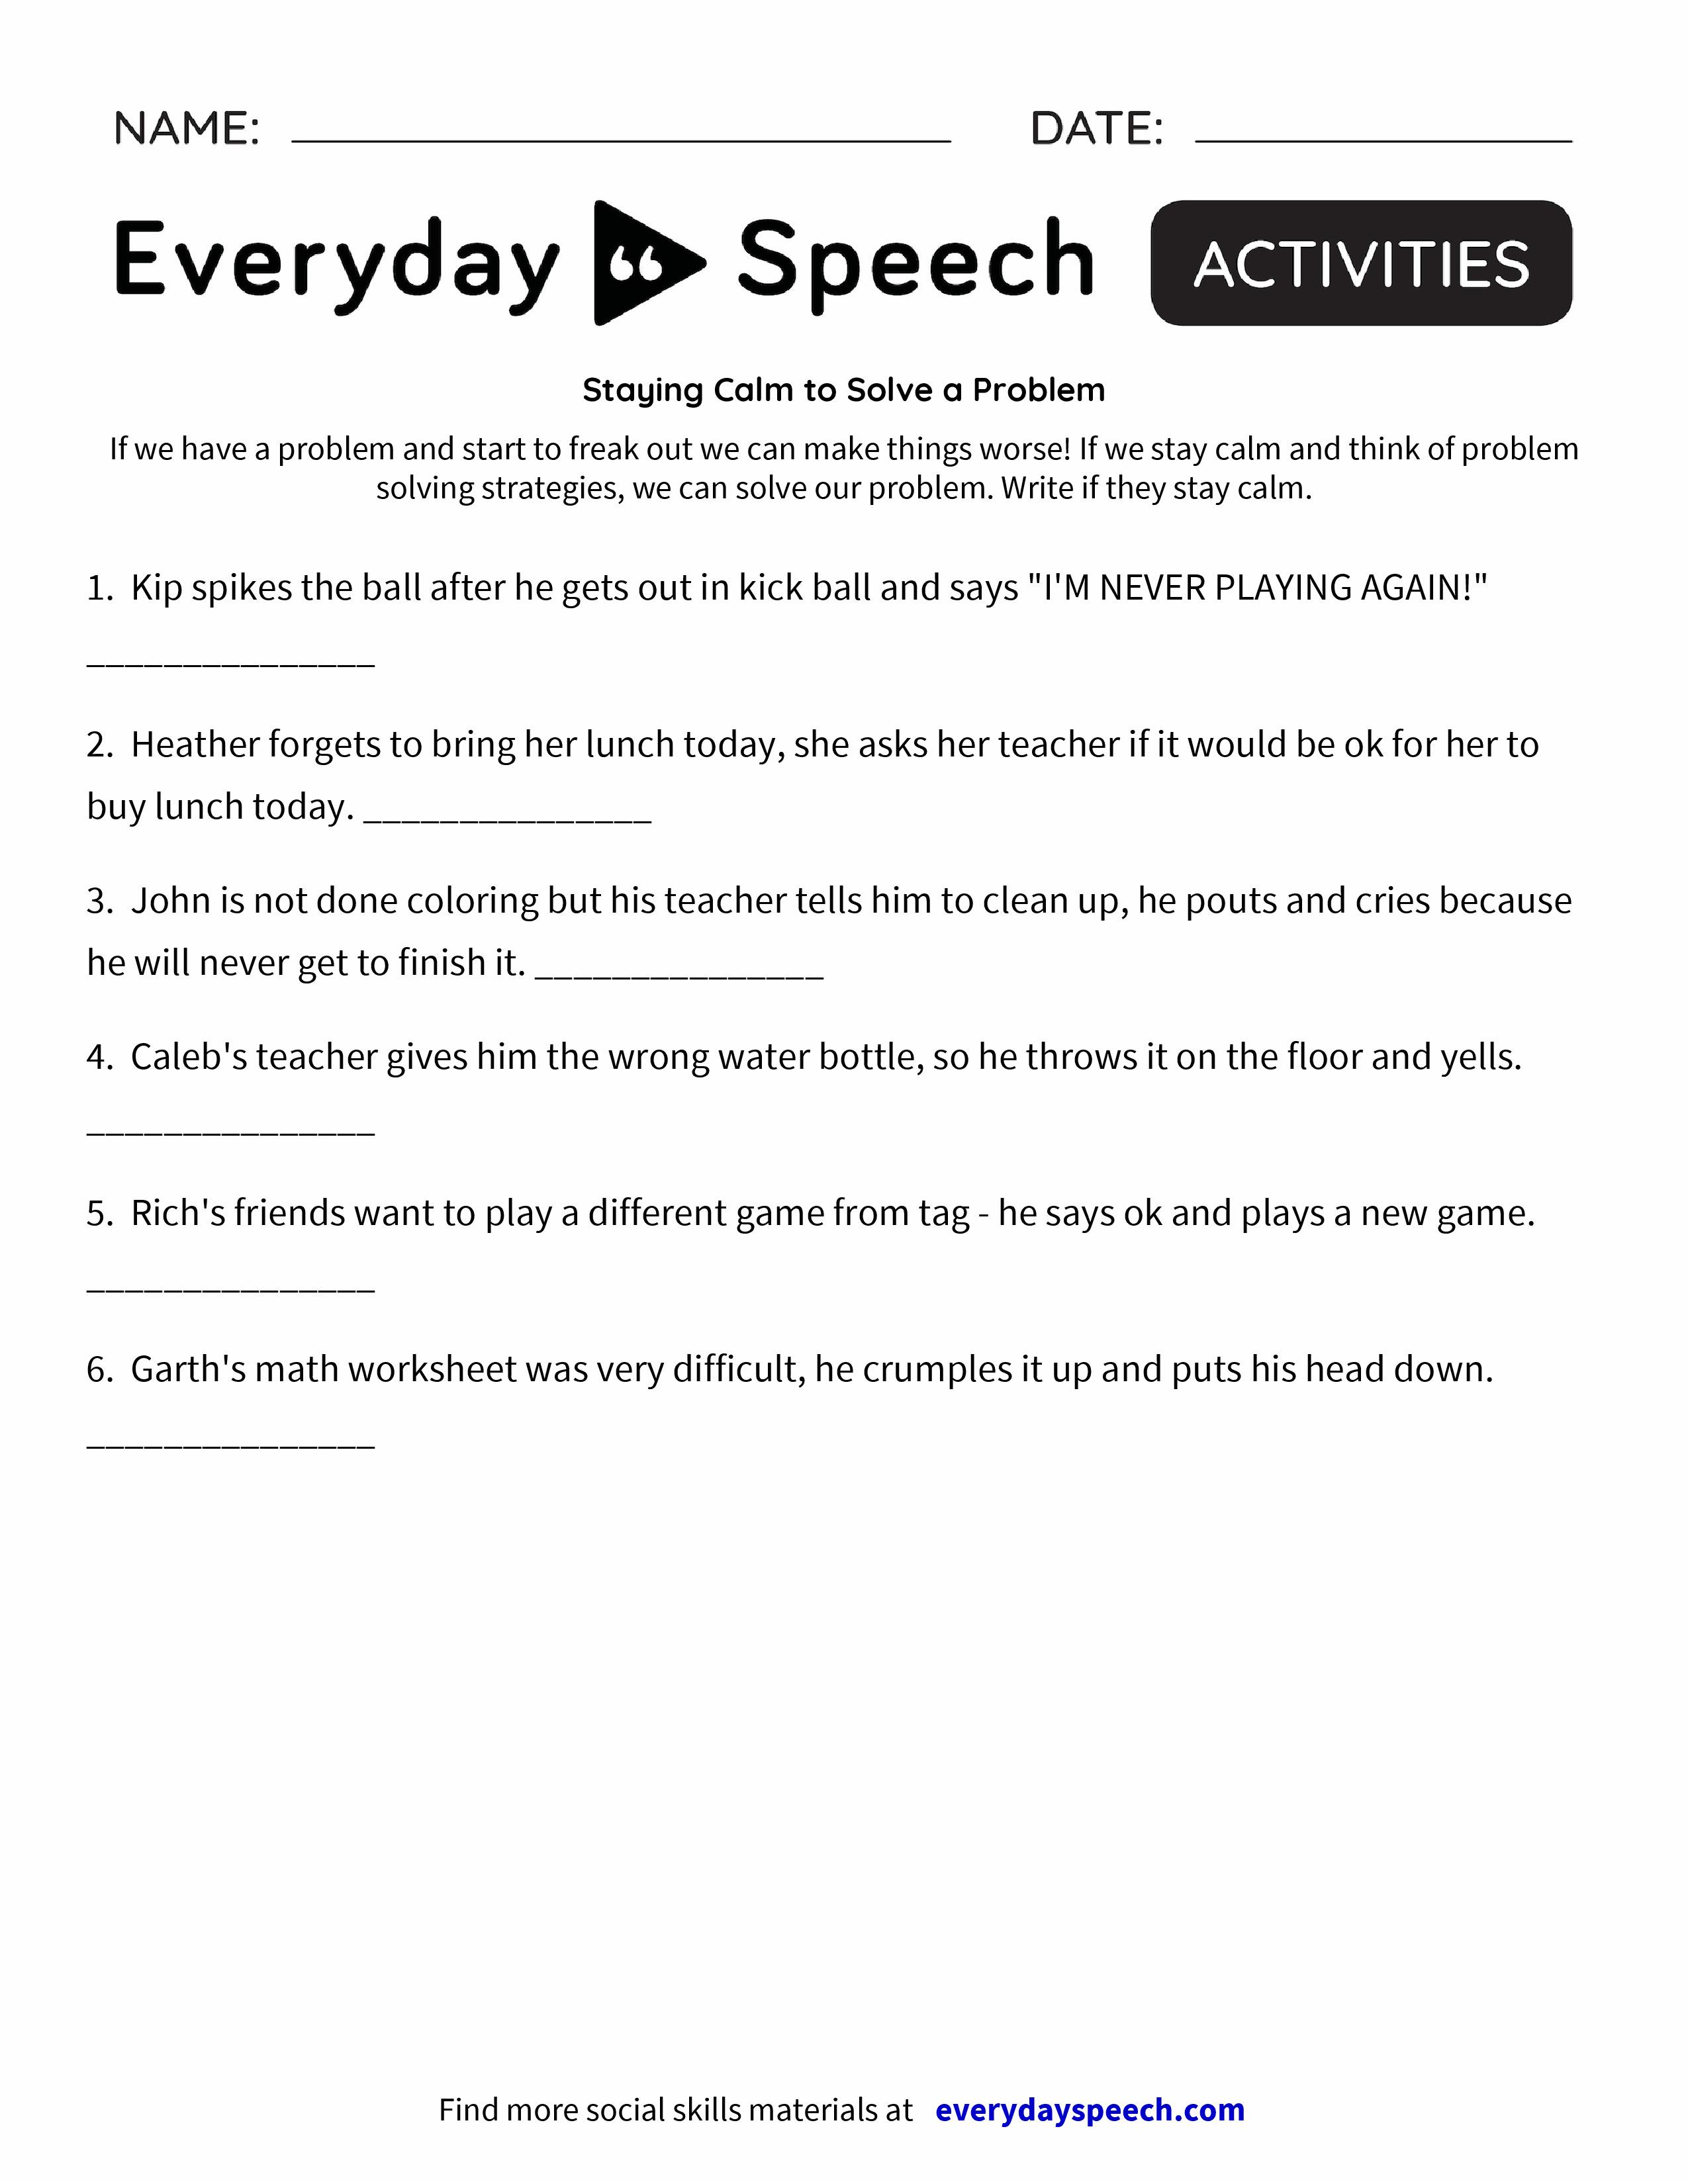 St Y G C Lm To Lve Problem Everyd Y Speech Everyd Y Speech